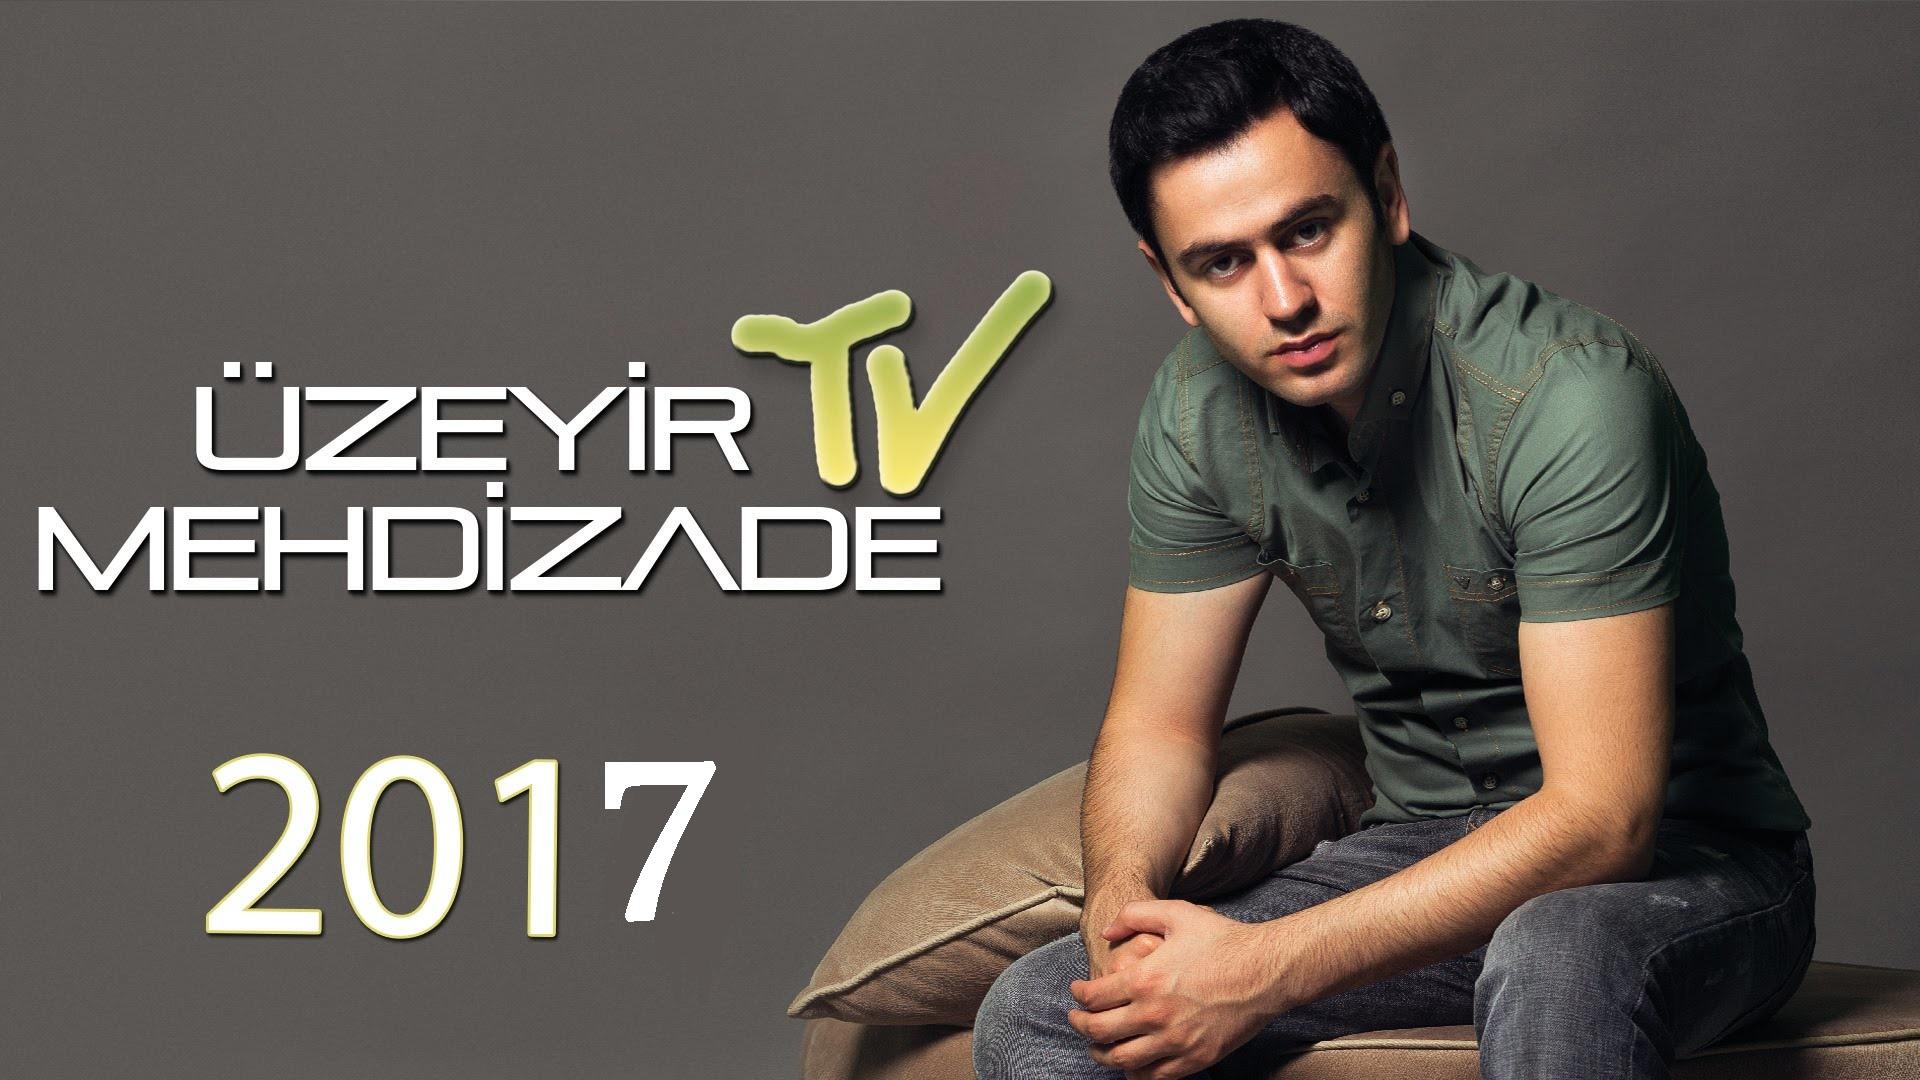 Üzeyir Mehdizadə - Gətirməyin Onu Yanıma 2017